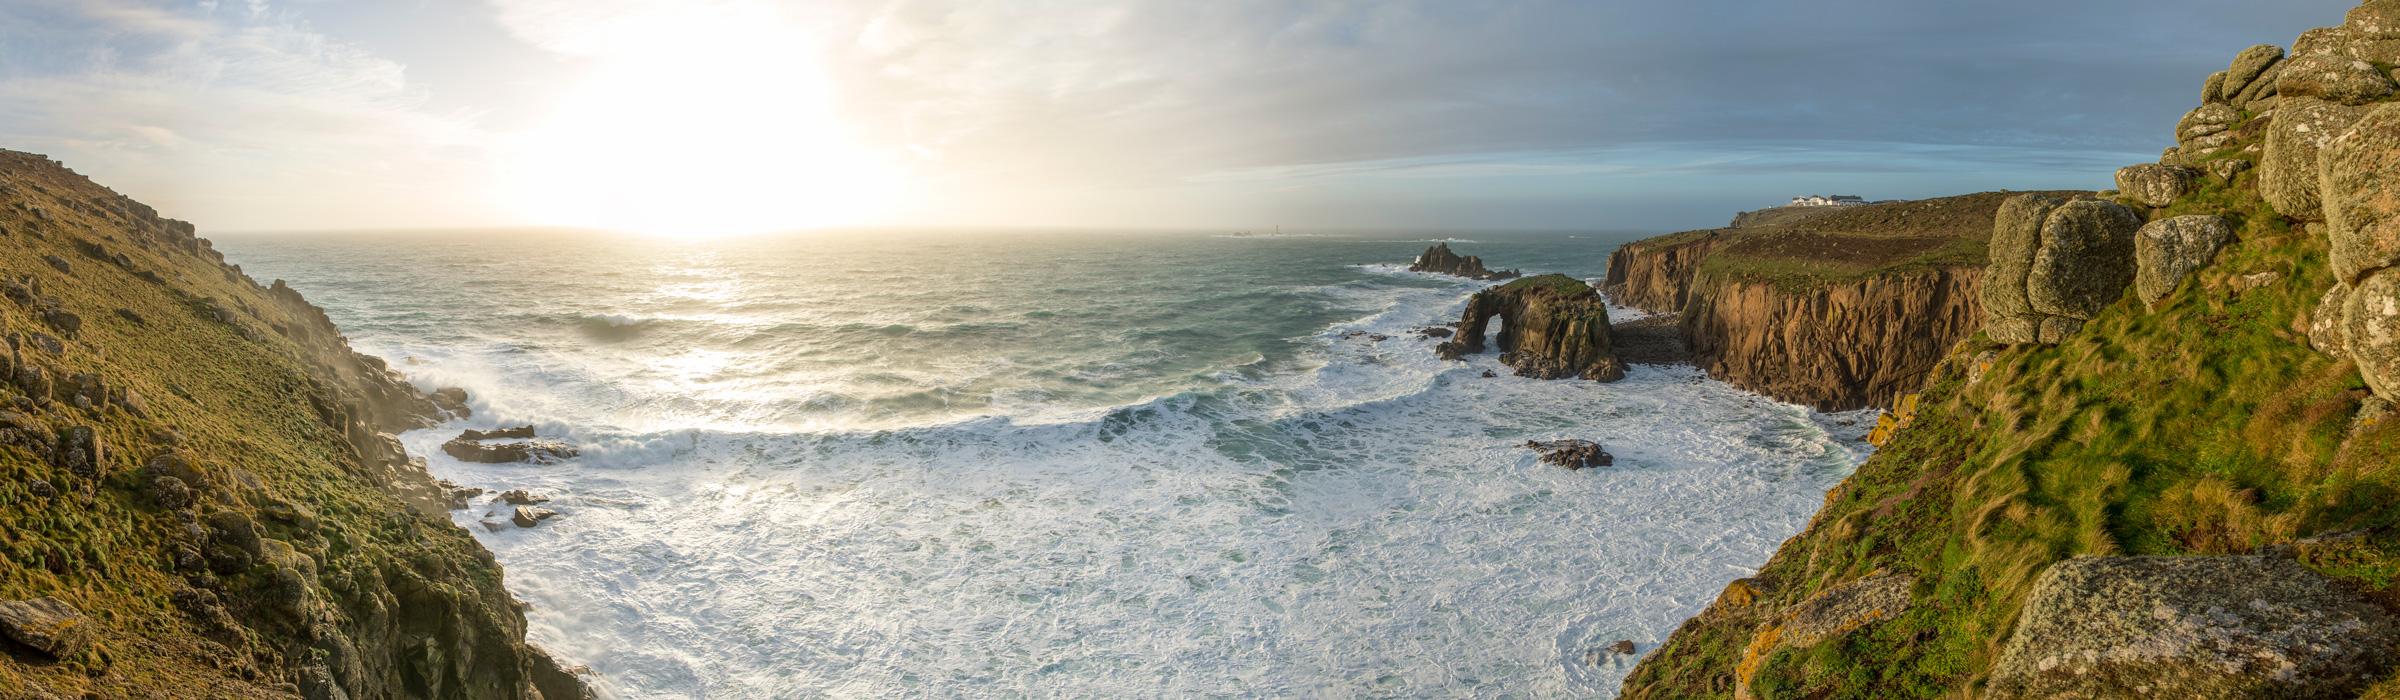 Panorama - Fotoreise Cornwall